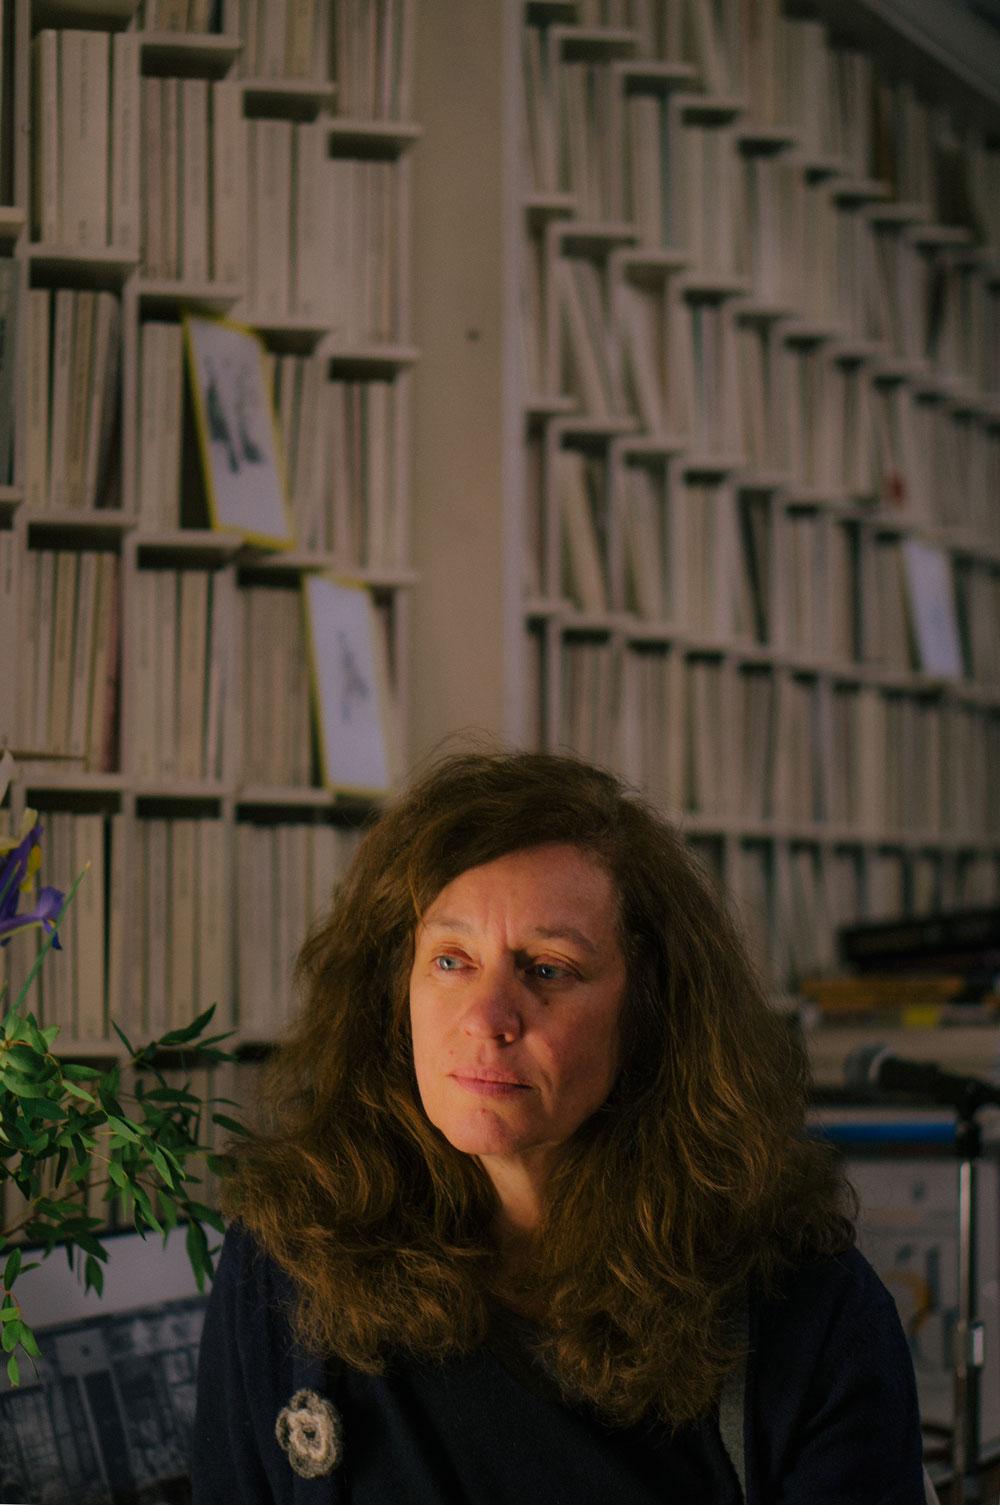 Lola Larumbe en la librería Rafael Alberti de Madrid. Por Nacho Goberna © 2015